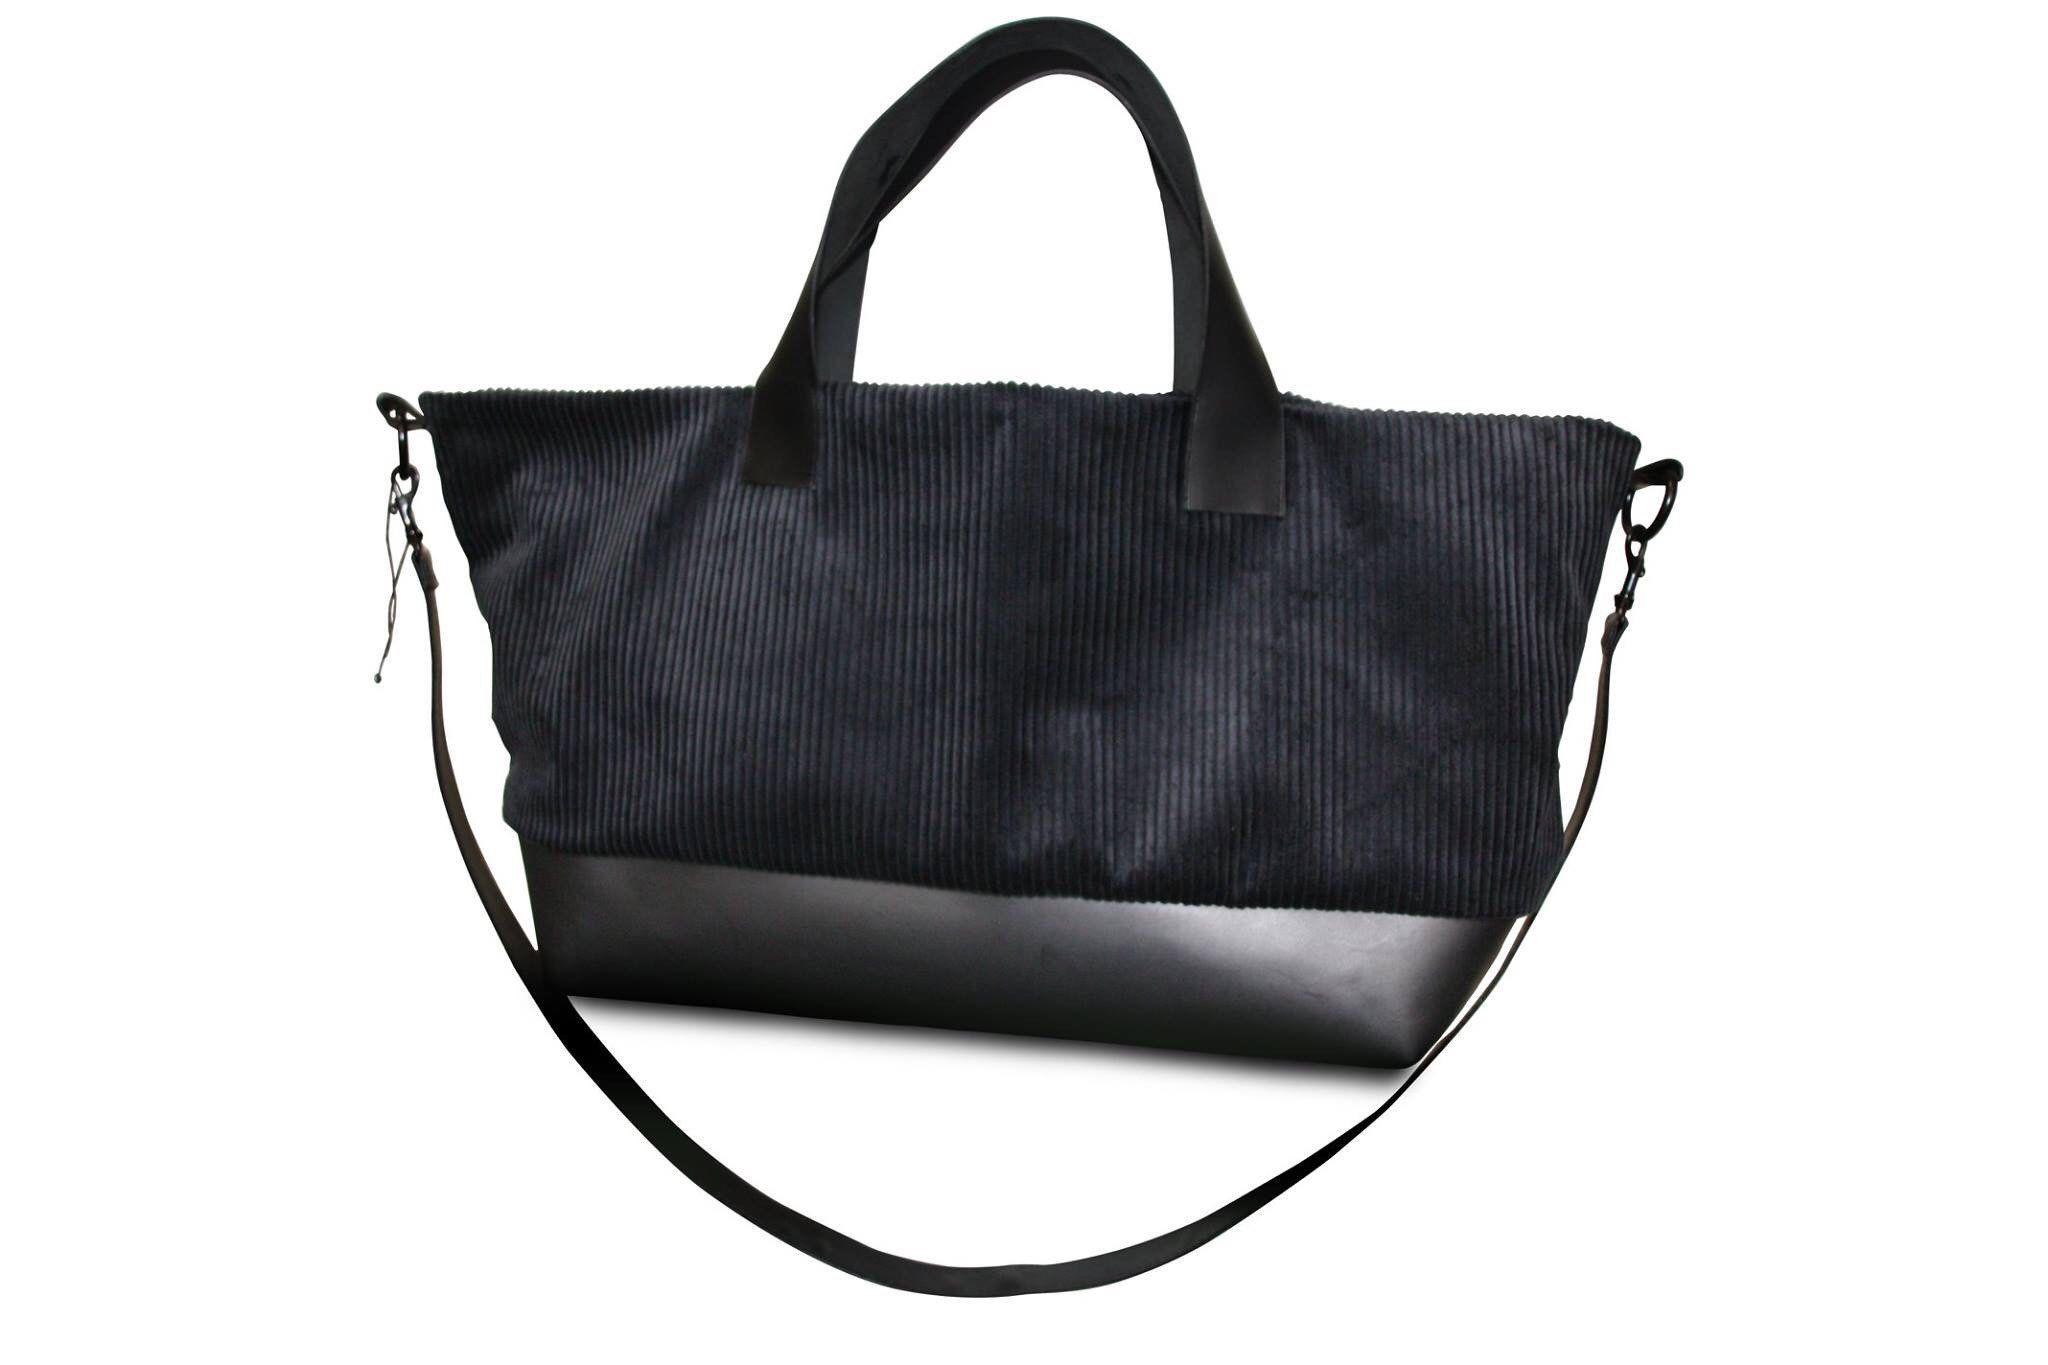 Tasche Cord Tote Schwarze Leder Bag D2YbEHIW9e